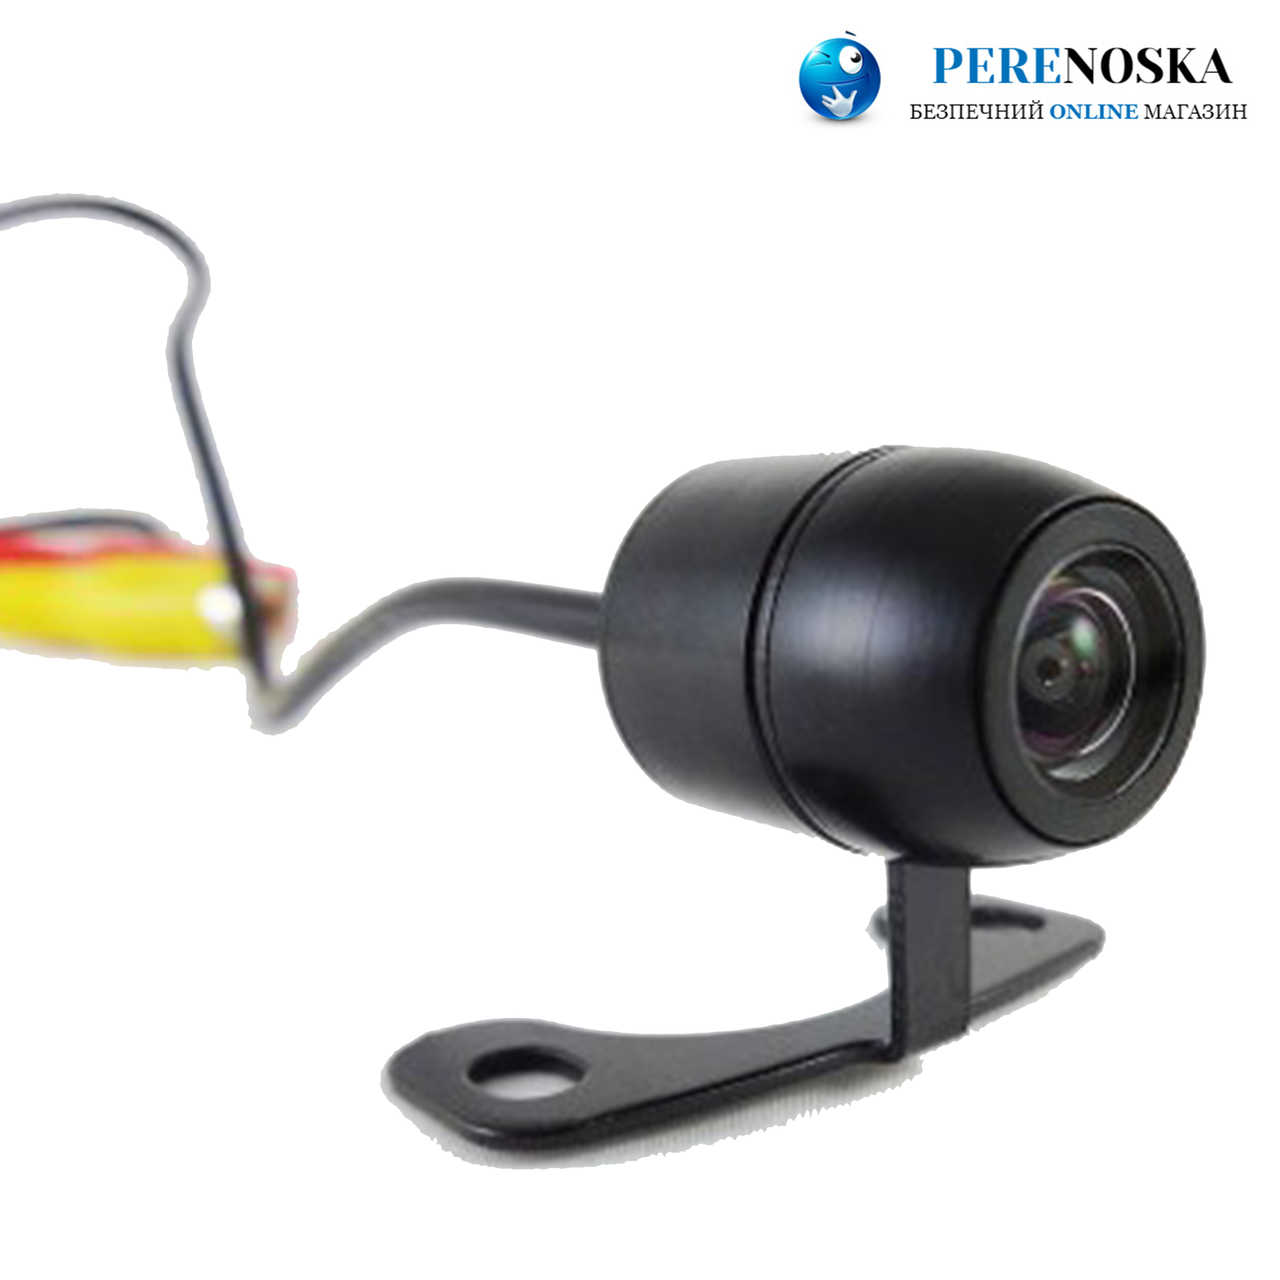 Камера заднего вида A-170| Для Установки в бампер или над номером| Угол обзора 170 град